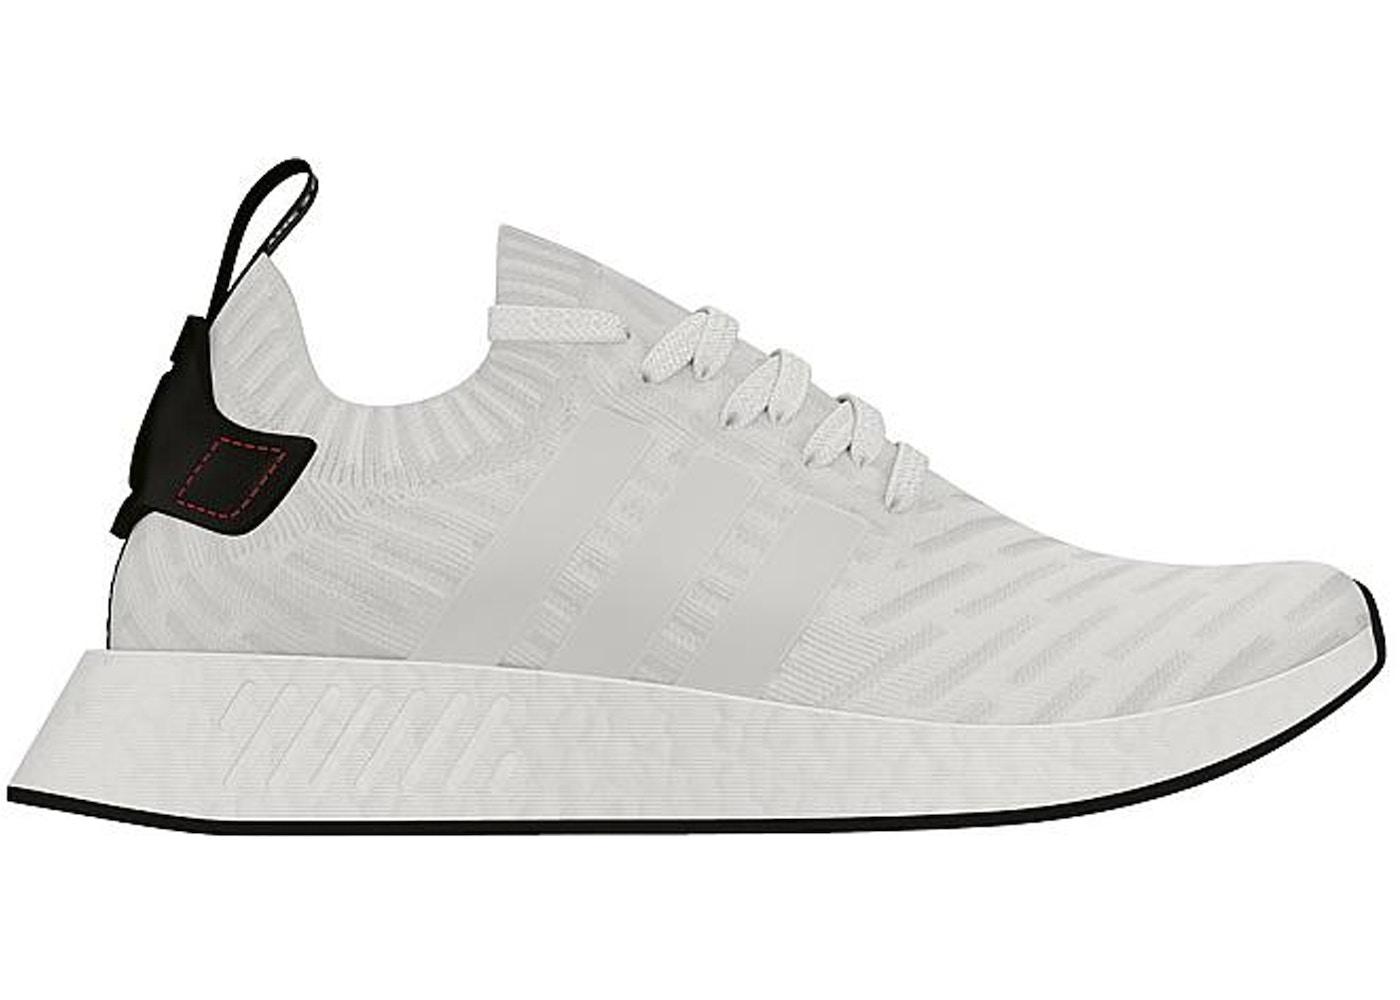 wholesale dealer 17e9e 32cd0 adidas NMD R2 White Black